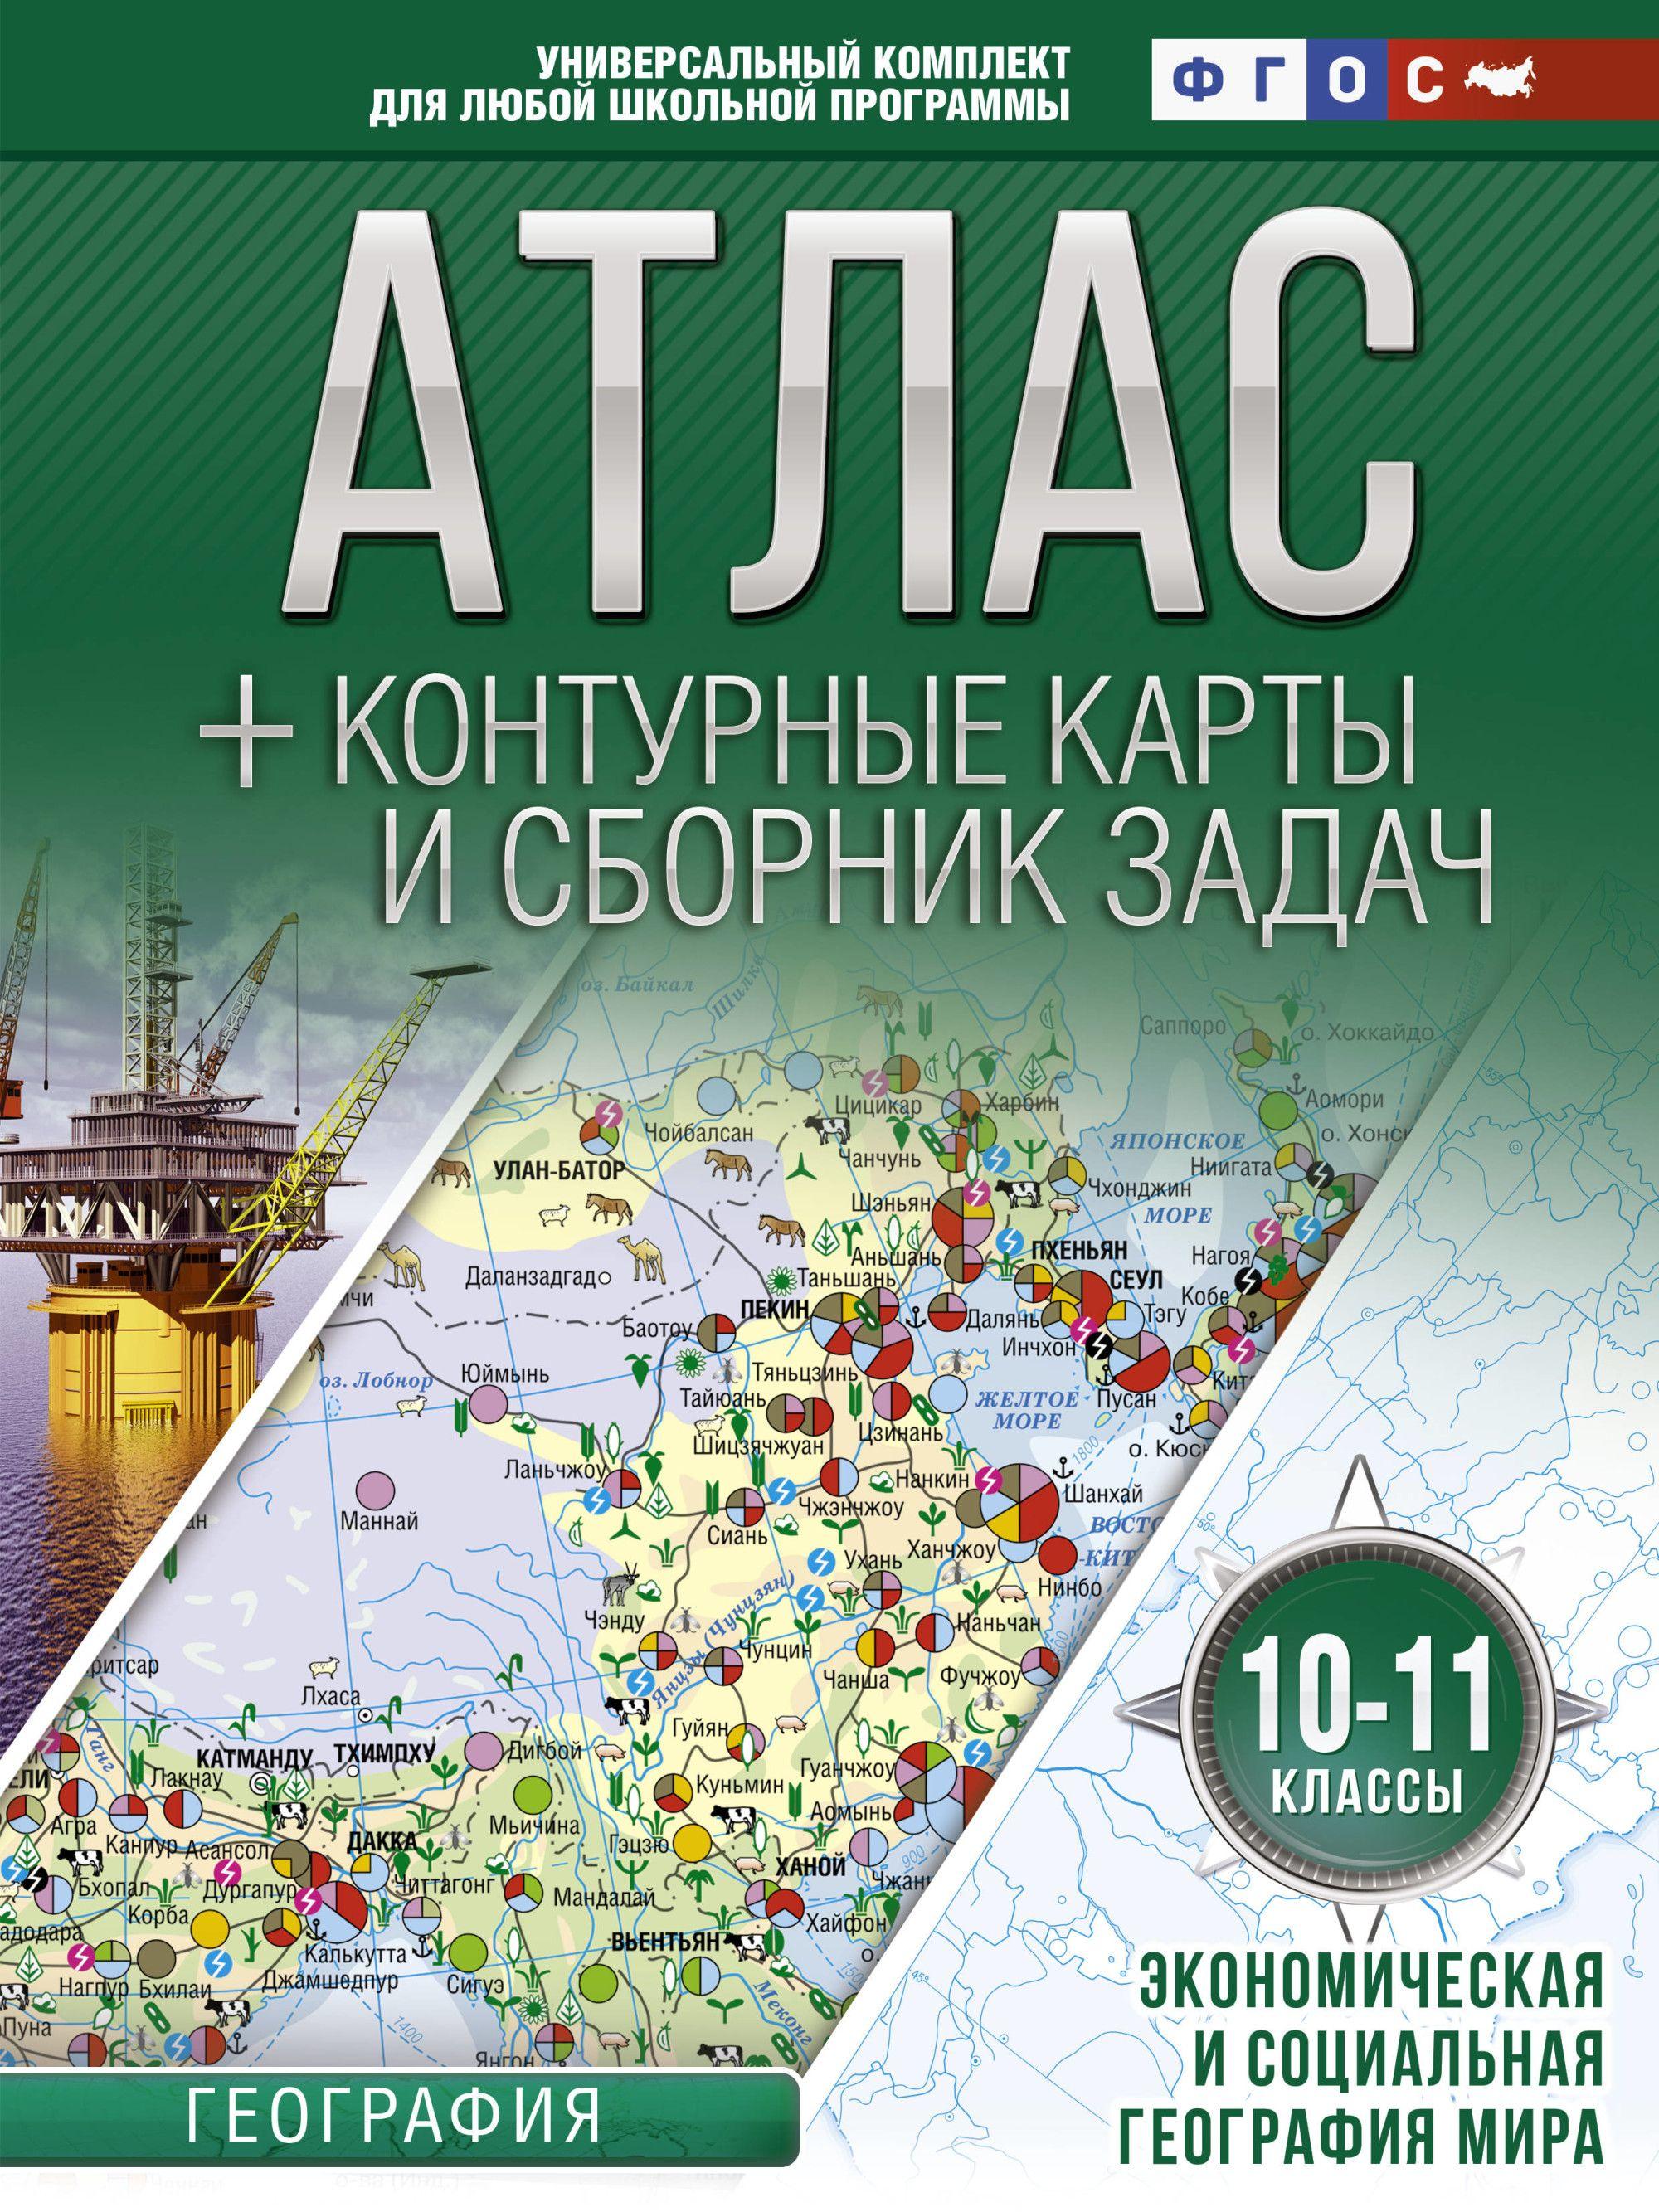 Атлас + контурные карты 10-11 класс: Экономическая и социальная география мира ФГ